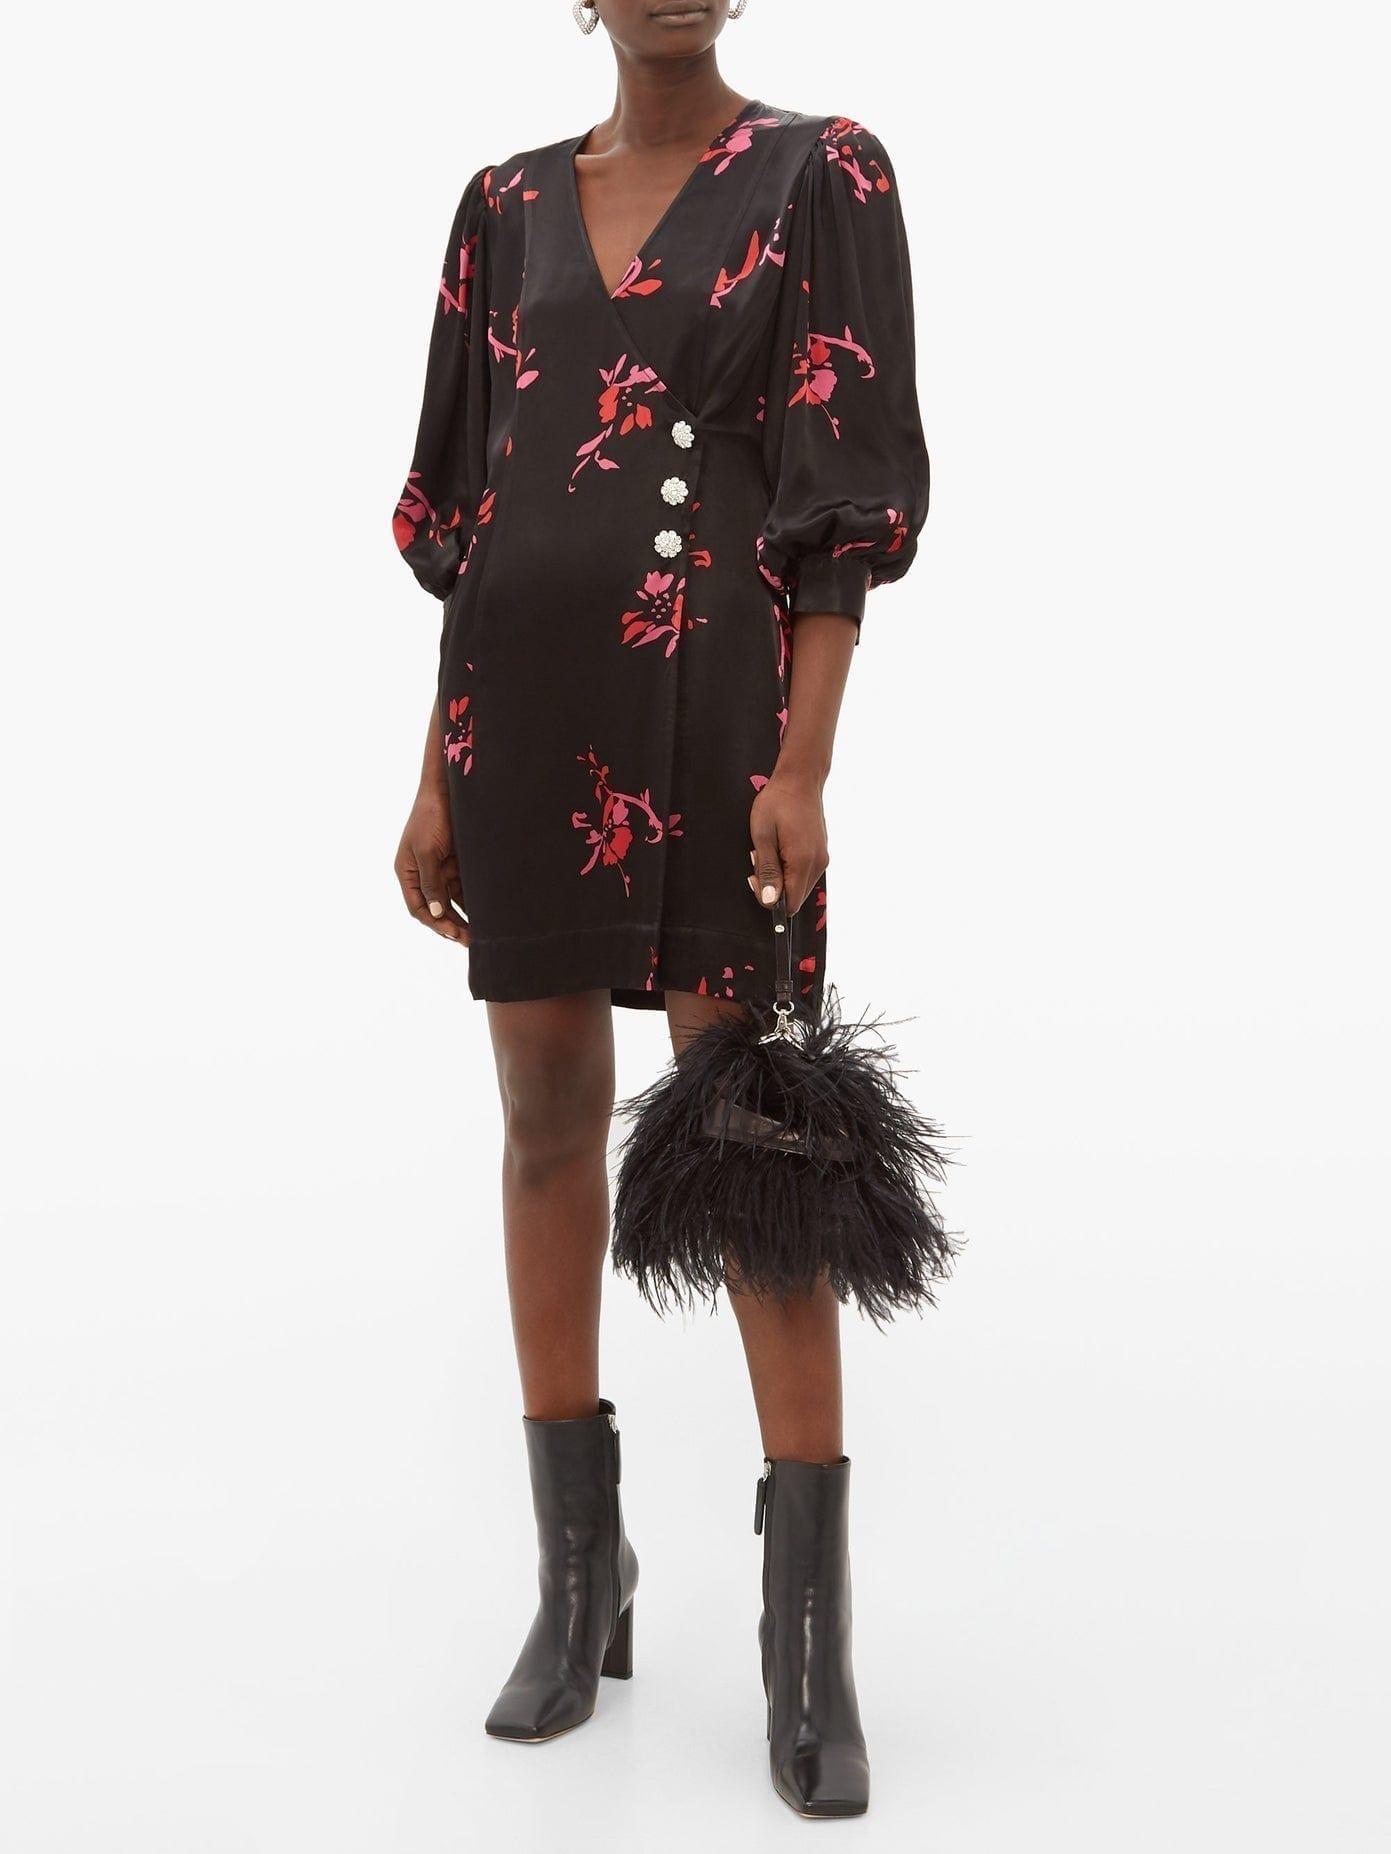 GANNI Crystal-Embellished Floral-Print Satin Wrap Dress